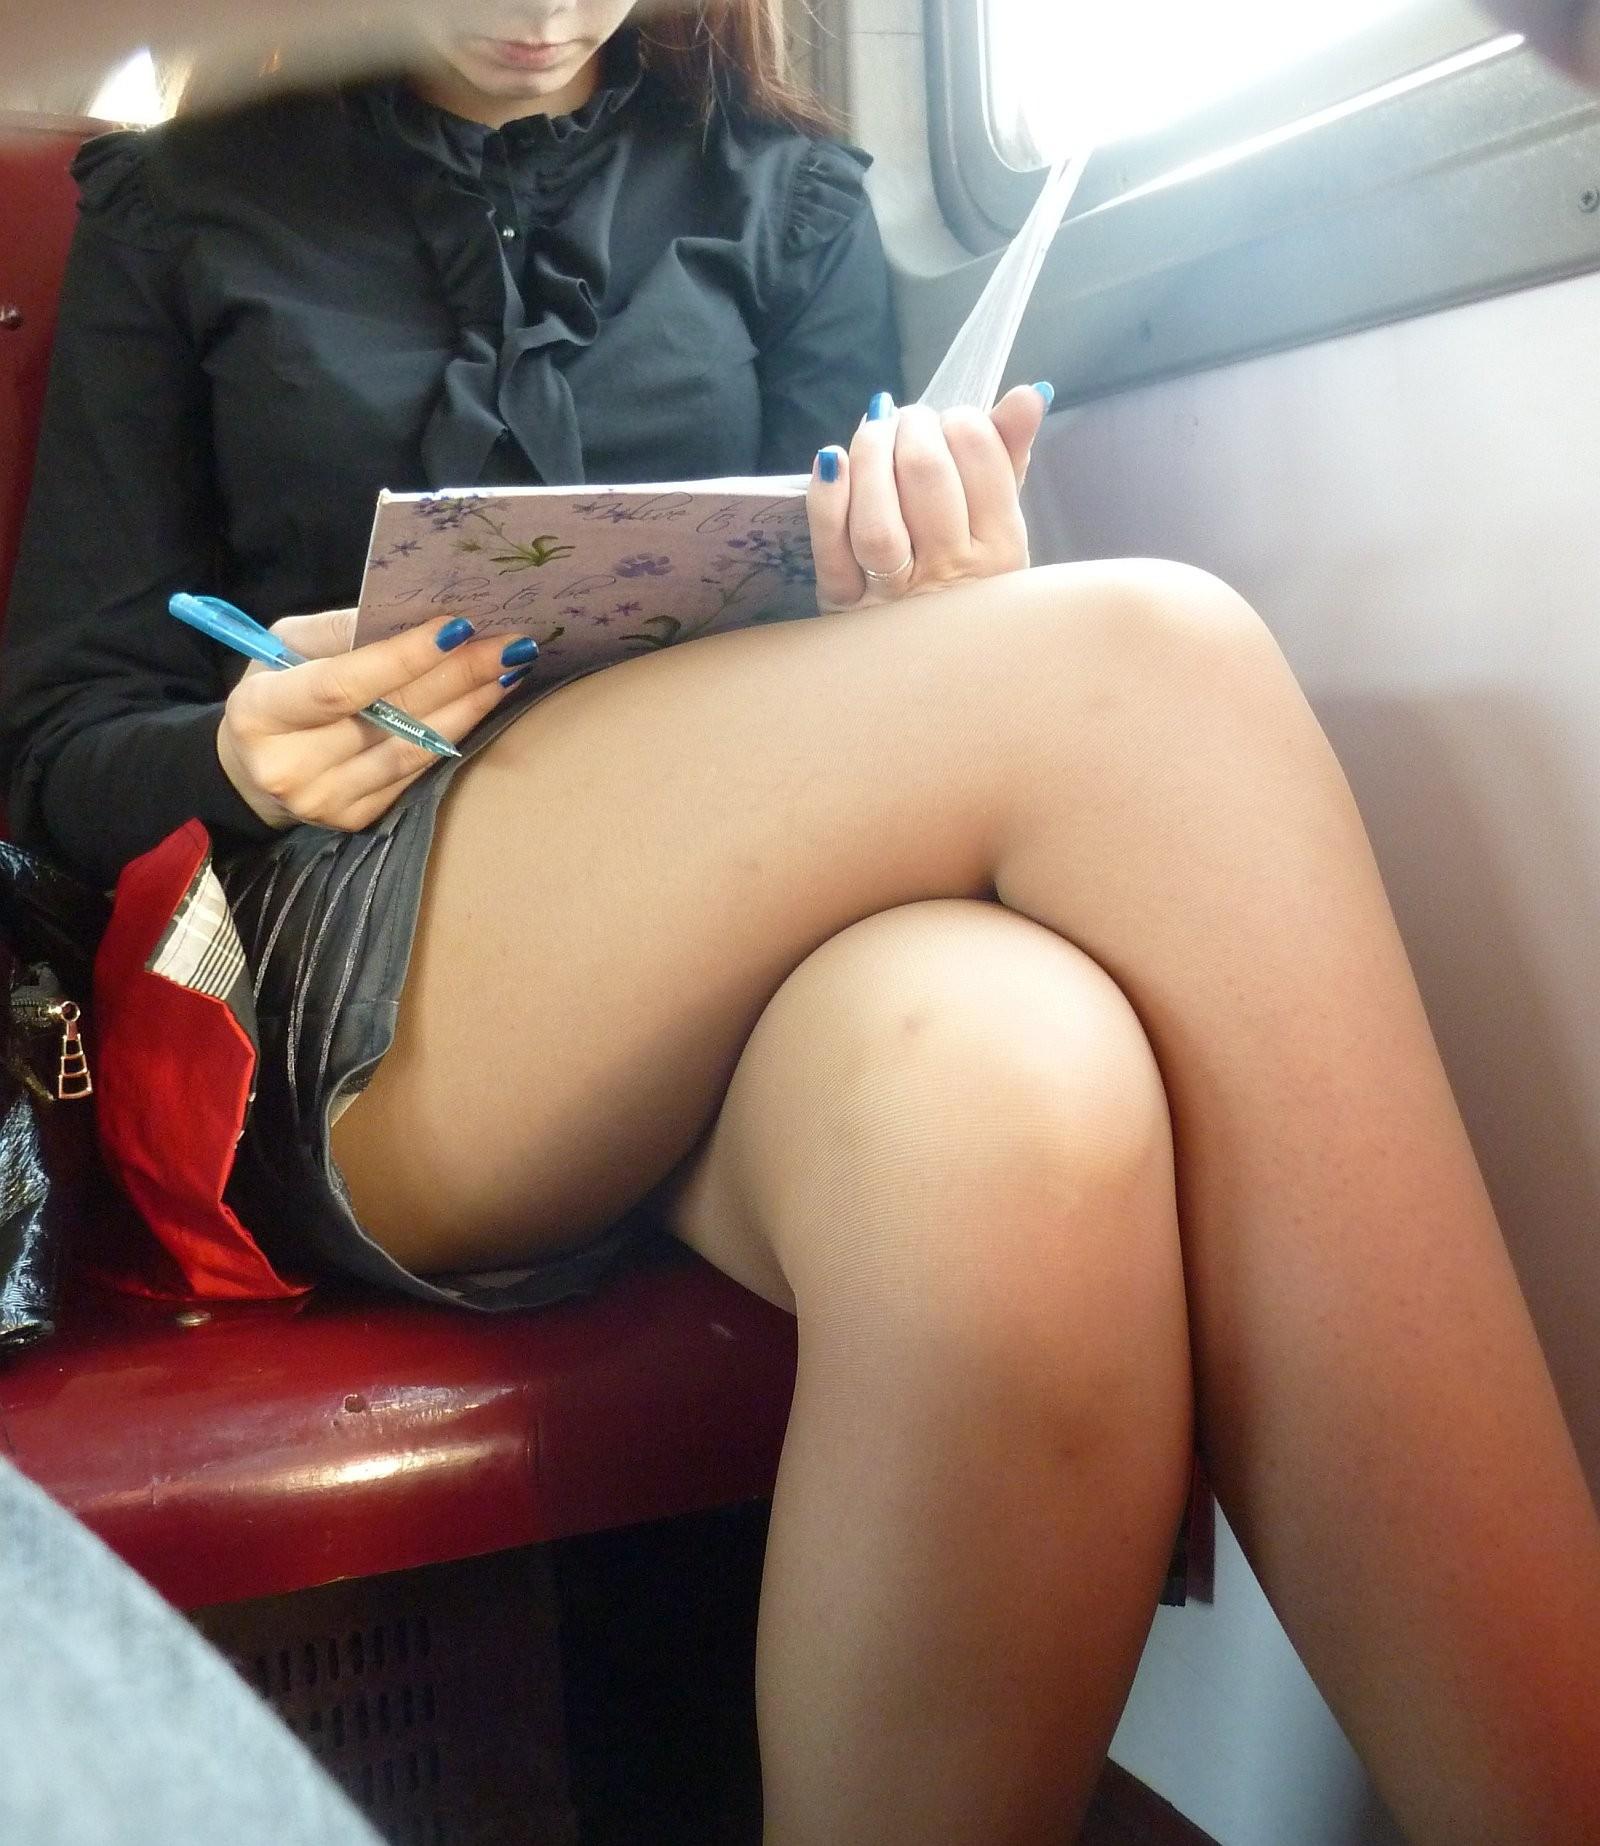 Видео секса в транспорте уверен